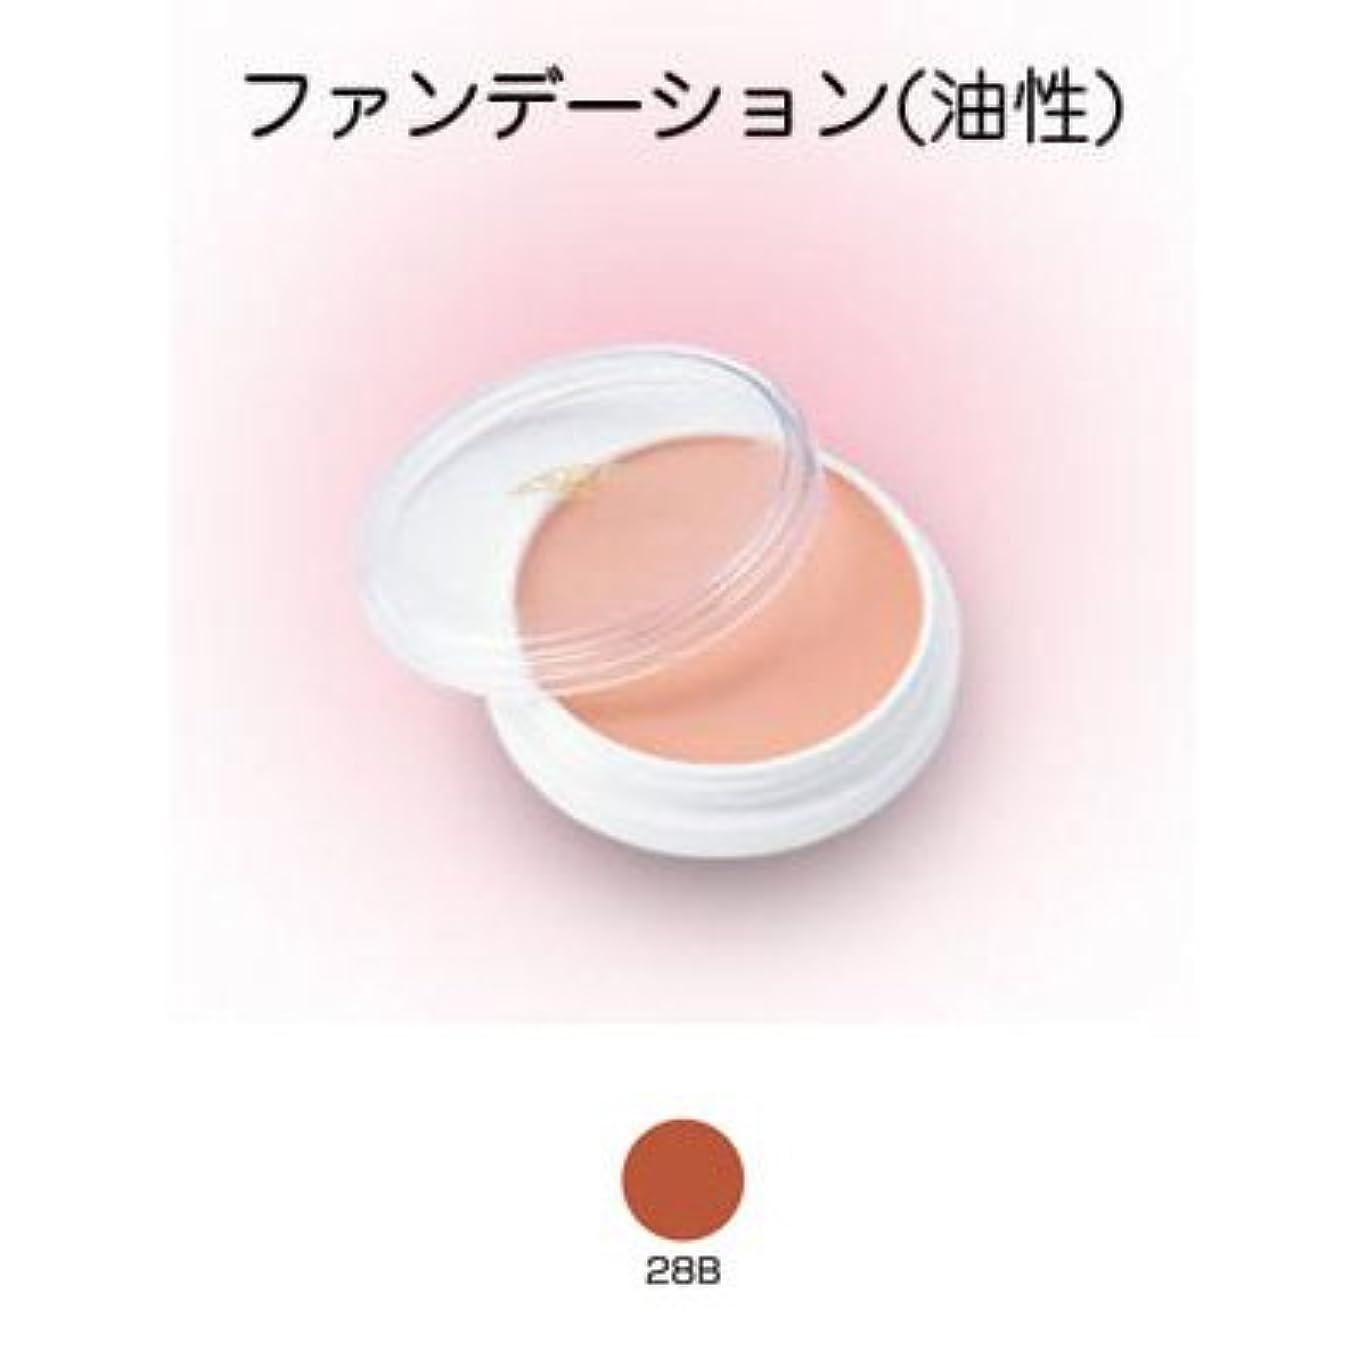 曲がった繊維コントラストグリースペイント 8g 28B 【三善】ドーラン